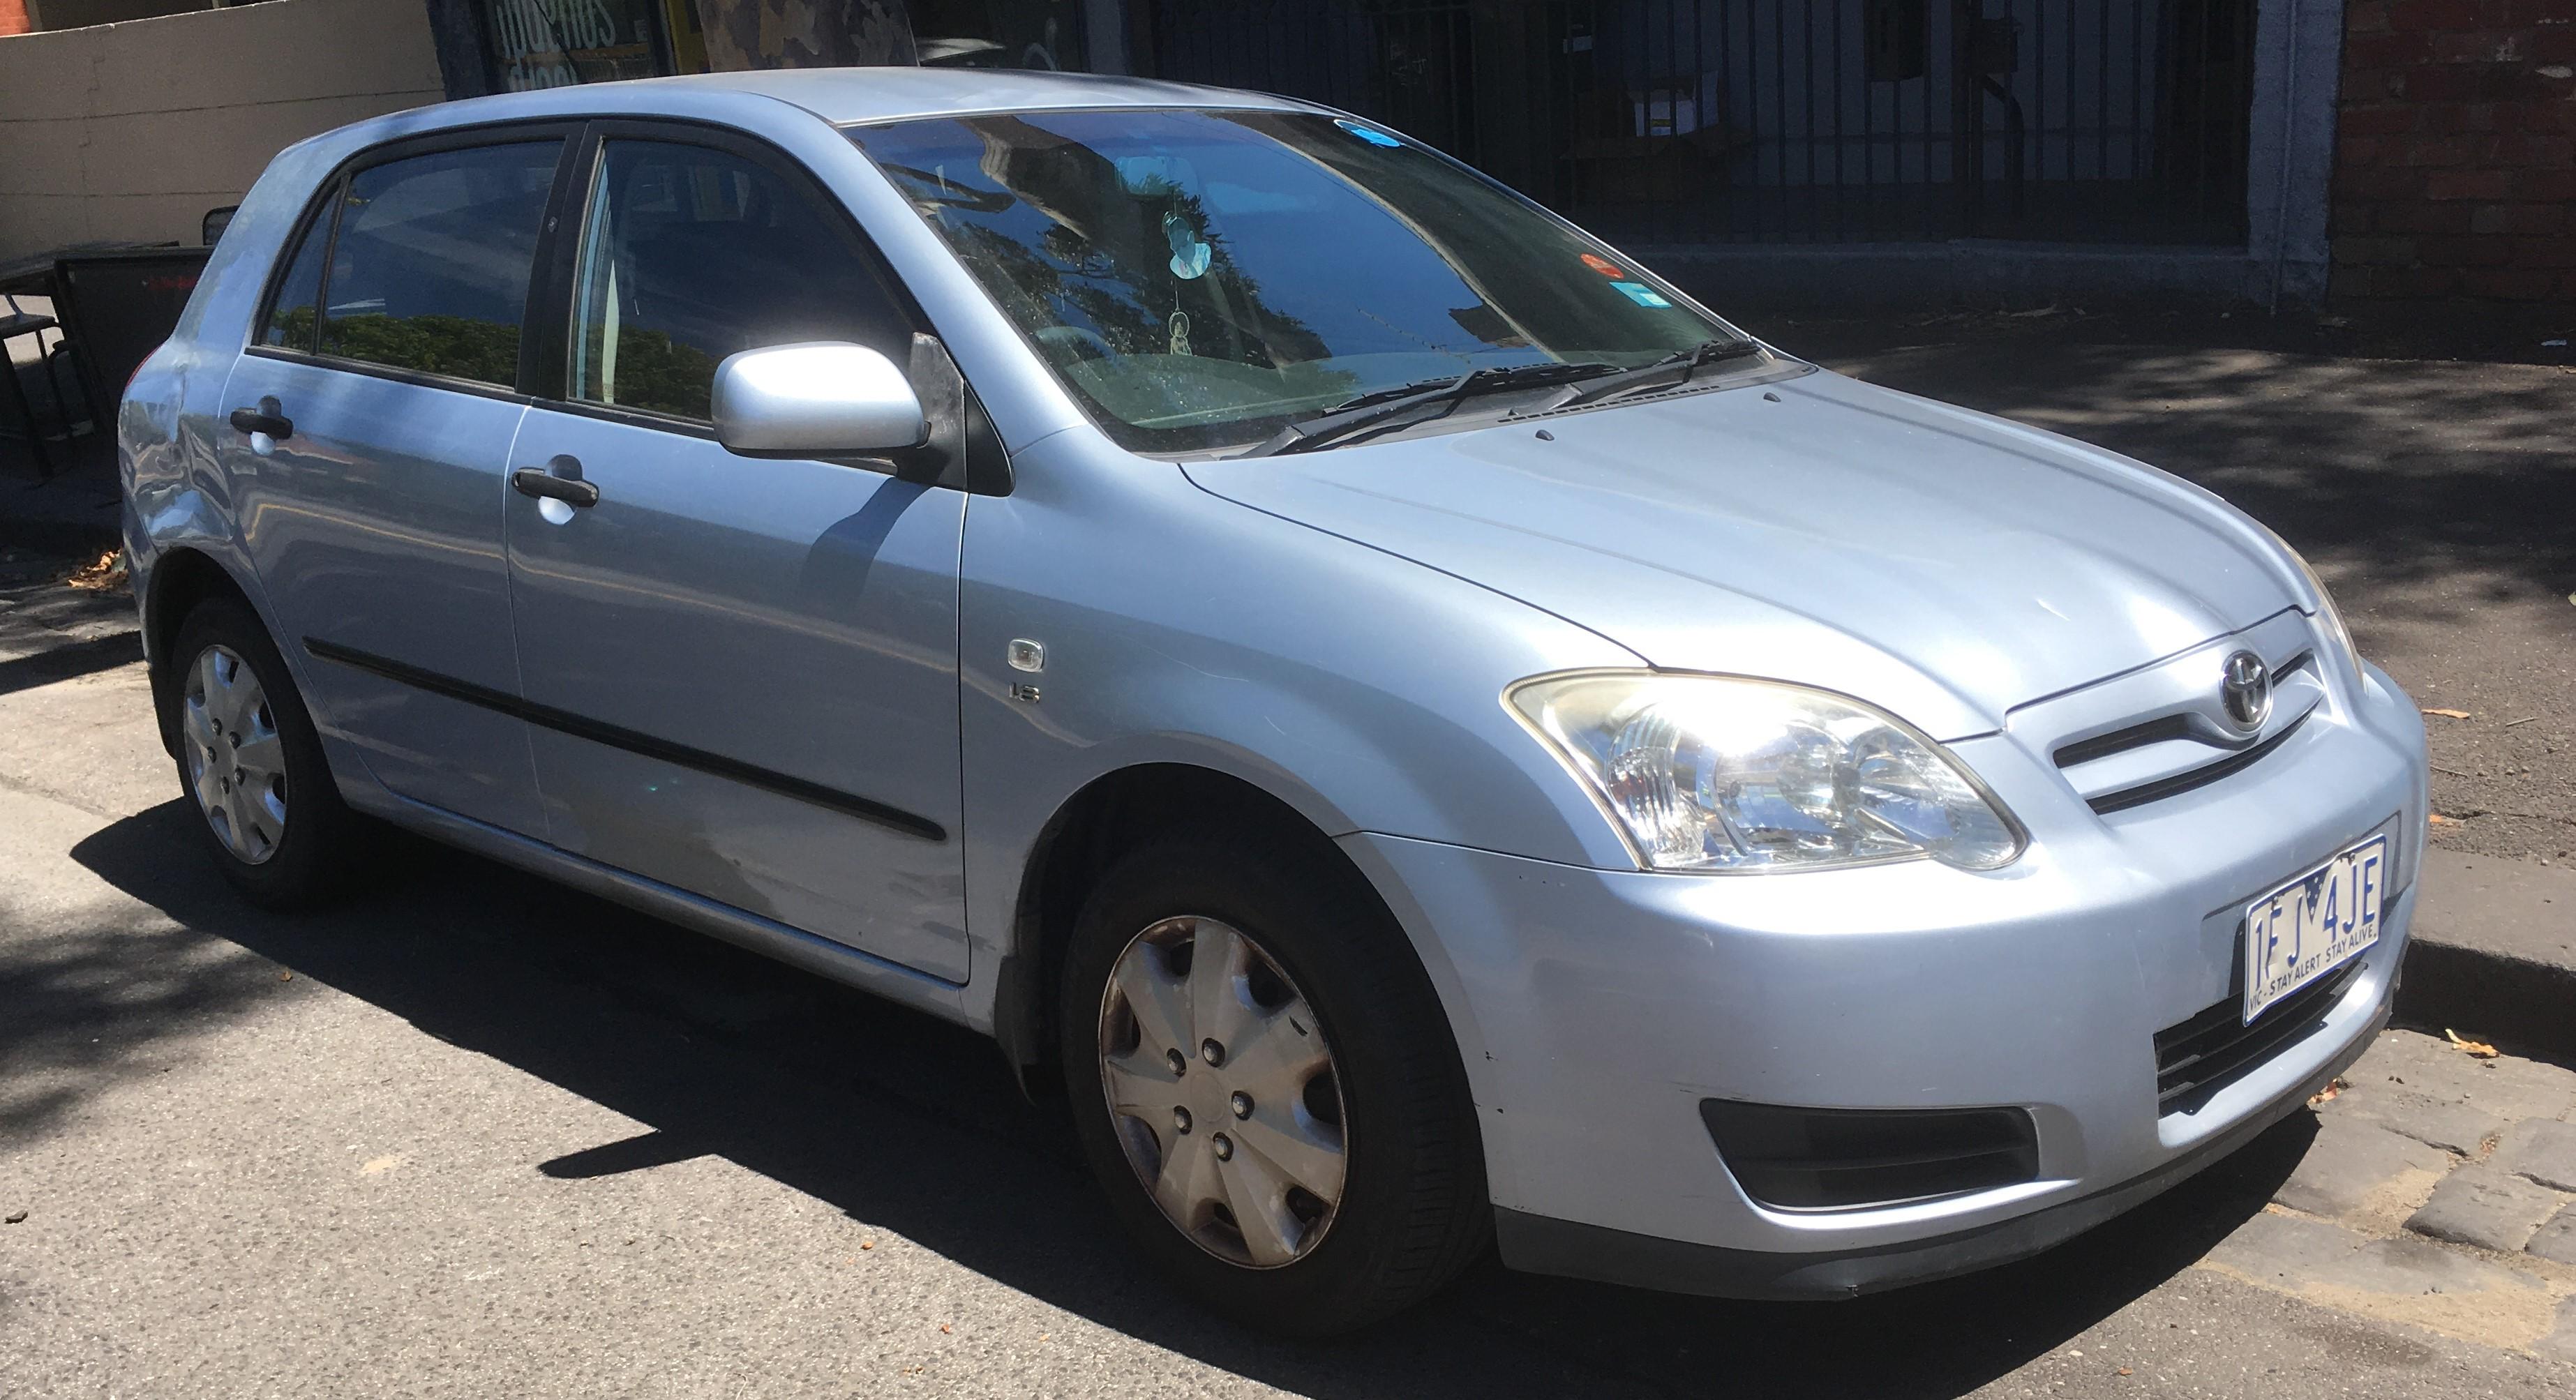 Picture of Joshua's 2006 Toyota Corolla